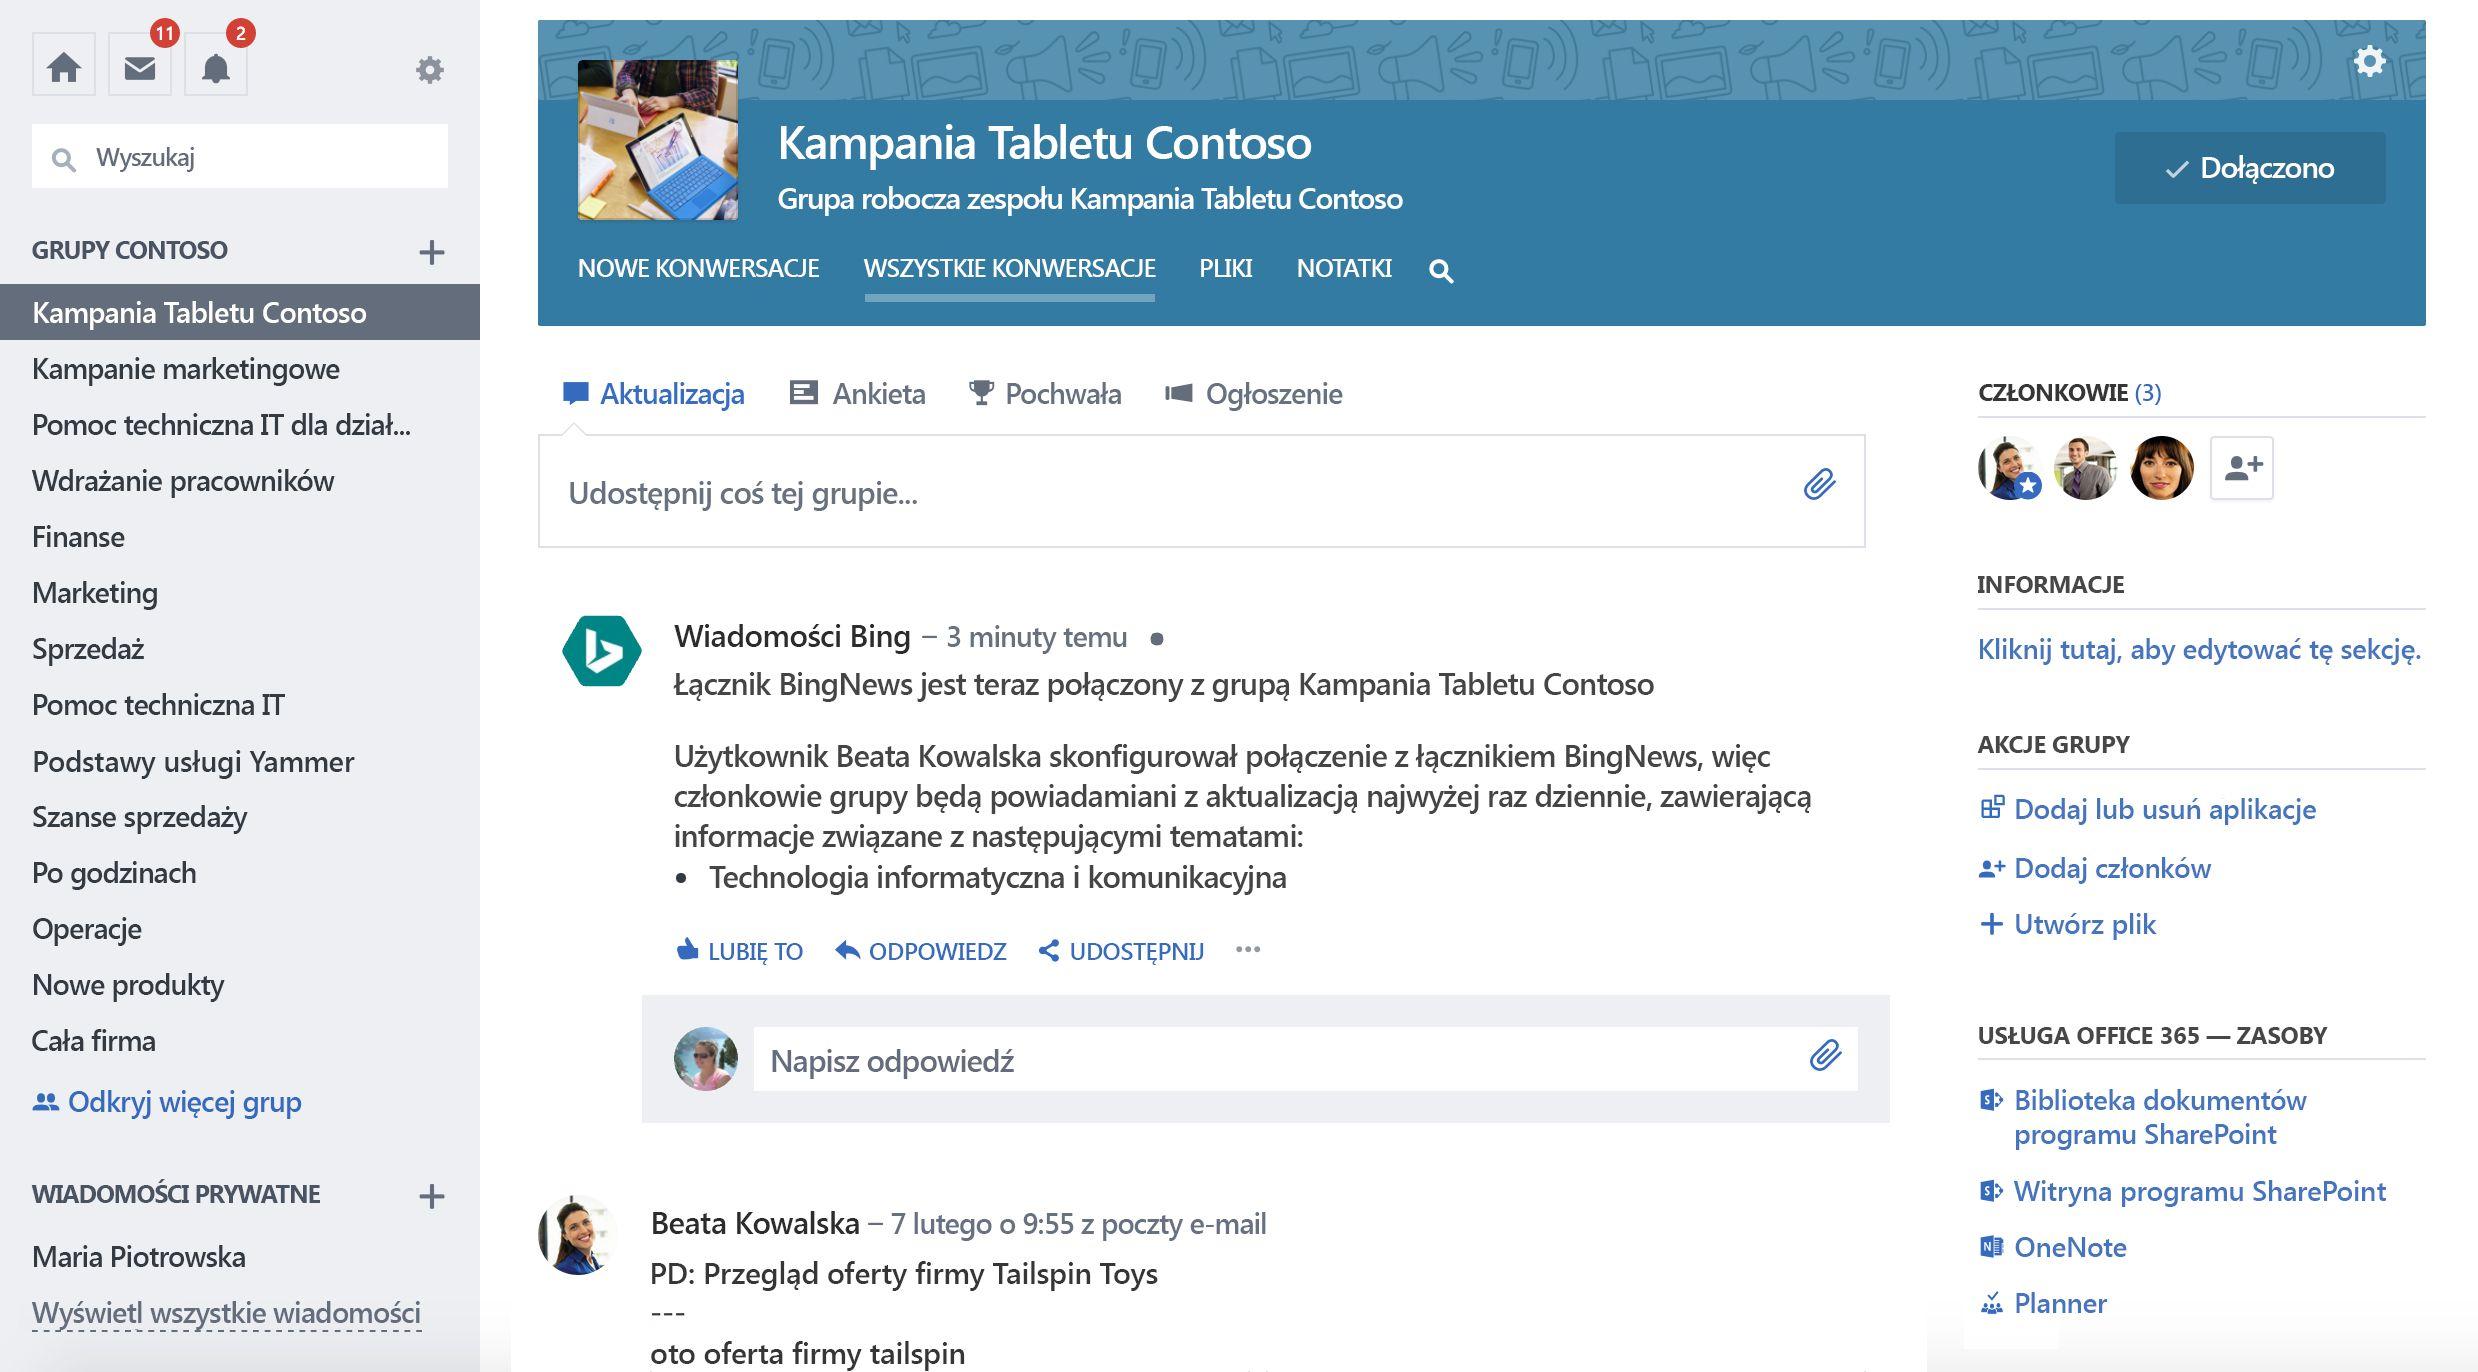 Zrzut ekranu usługi Office 365 połączenia grupy usługi Yammer z nowe połączenie